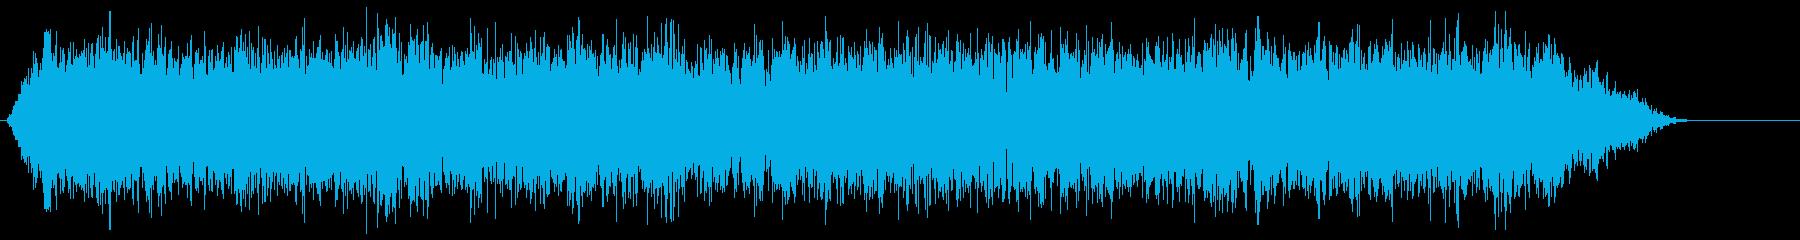 スペース6グースバンプの再生済みの波形